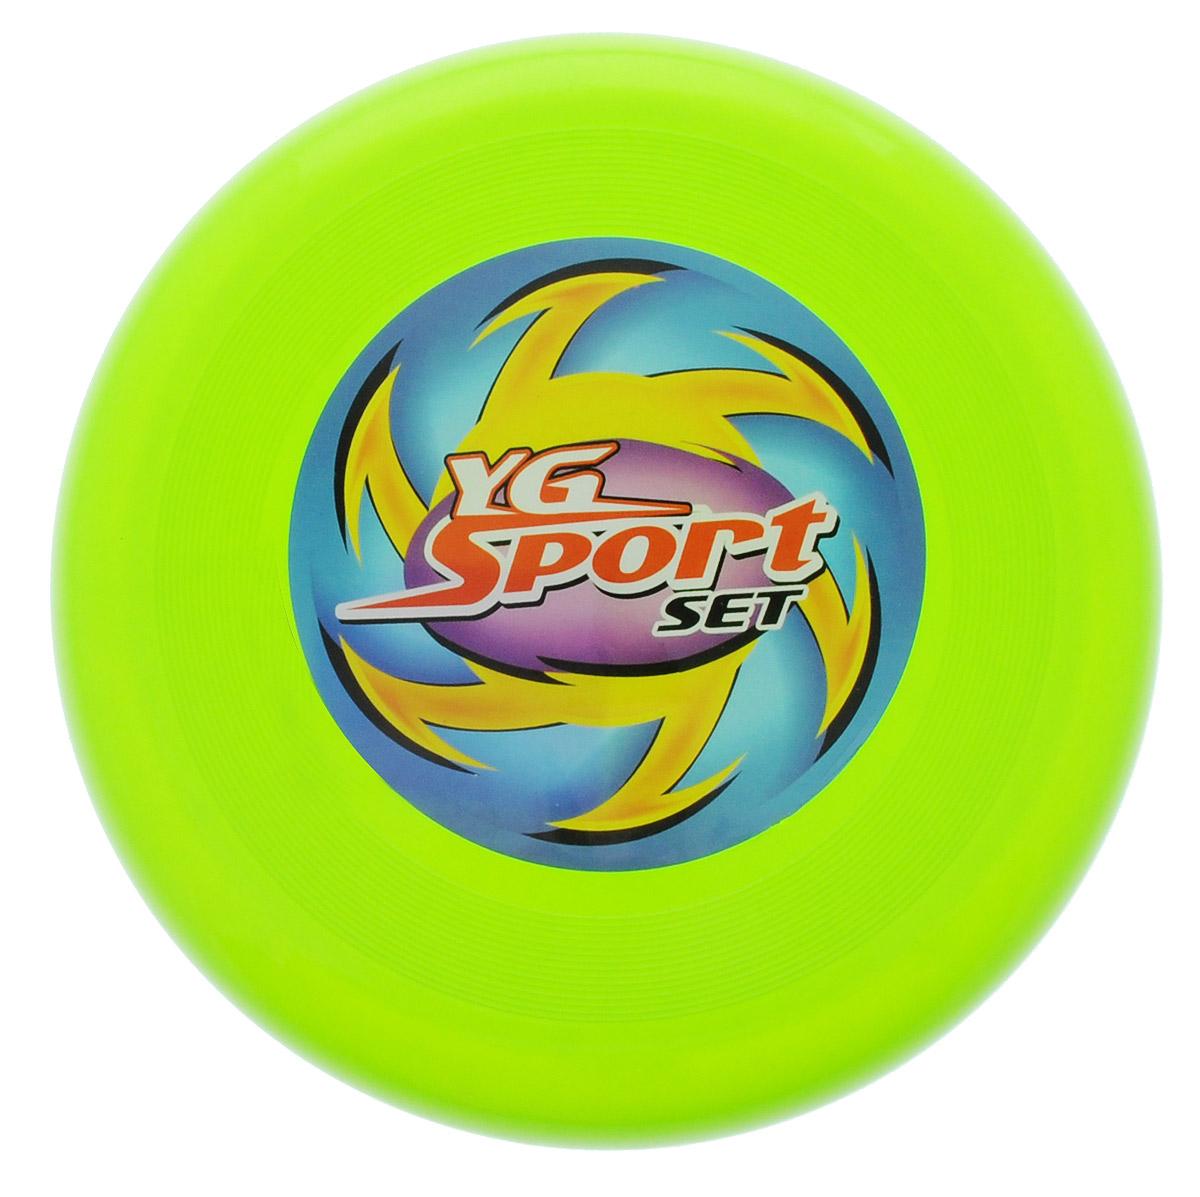 YG Sport Летающий диск цвет салатовыйYG03JЛетающий диск YG Sport выполнен из прочного материала, что обеспечивает ему долговечность. А яркость и особая форма делают его идеальным для спортивных развлечений! Летающий диск способен поднять настроение всем! Каждый ребенок будет рад такому яркому и спортивному подарку.